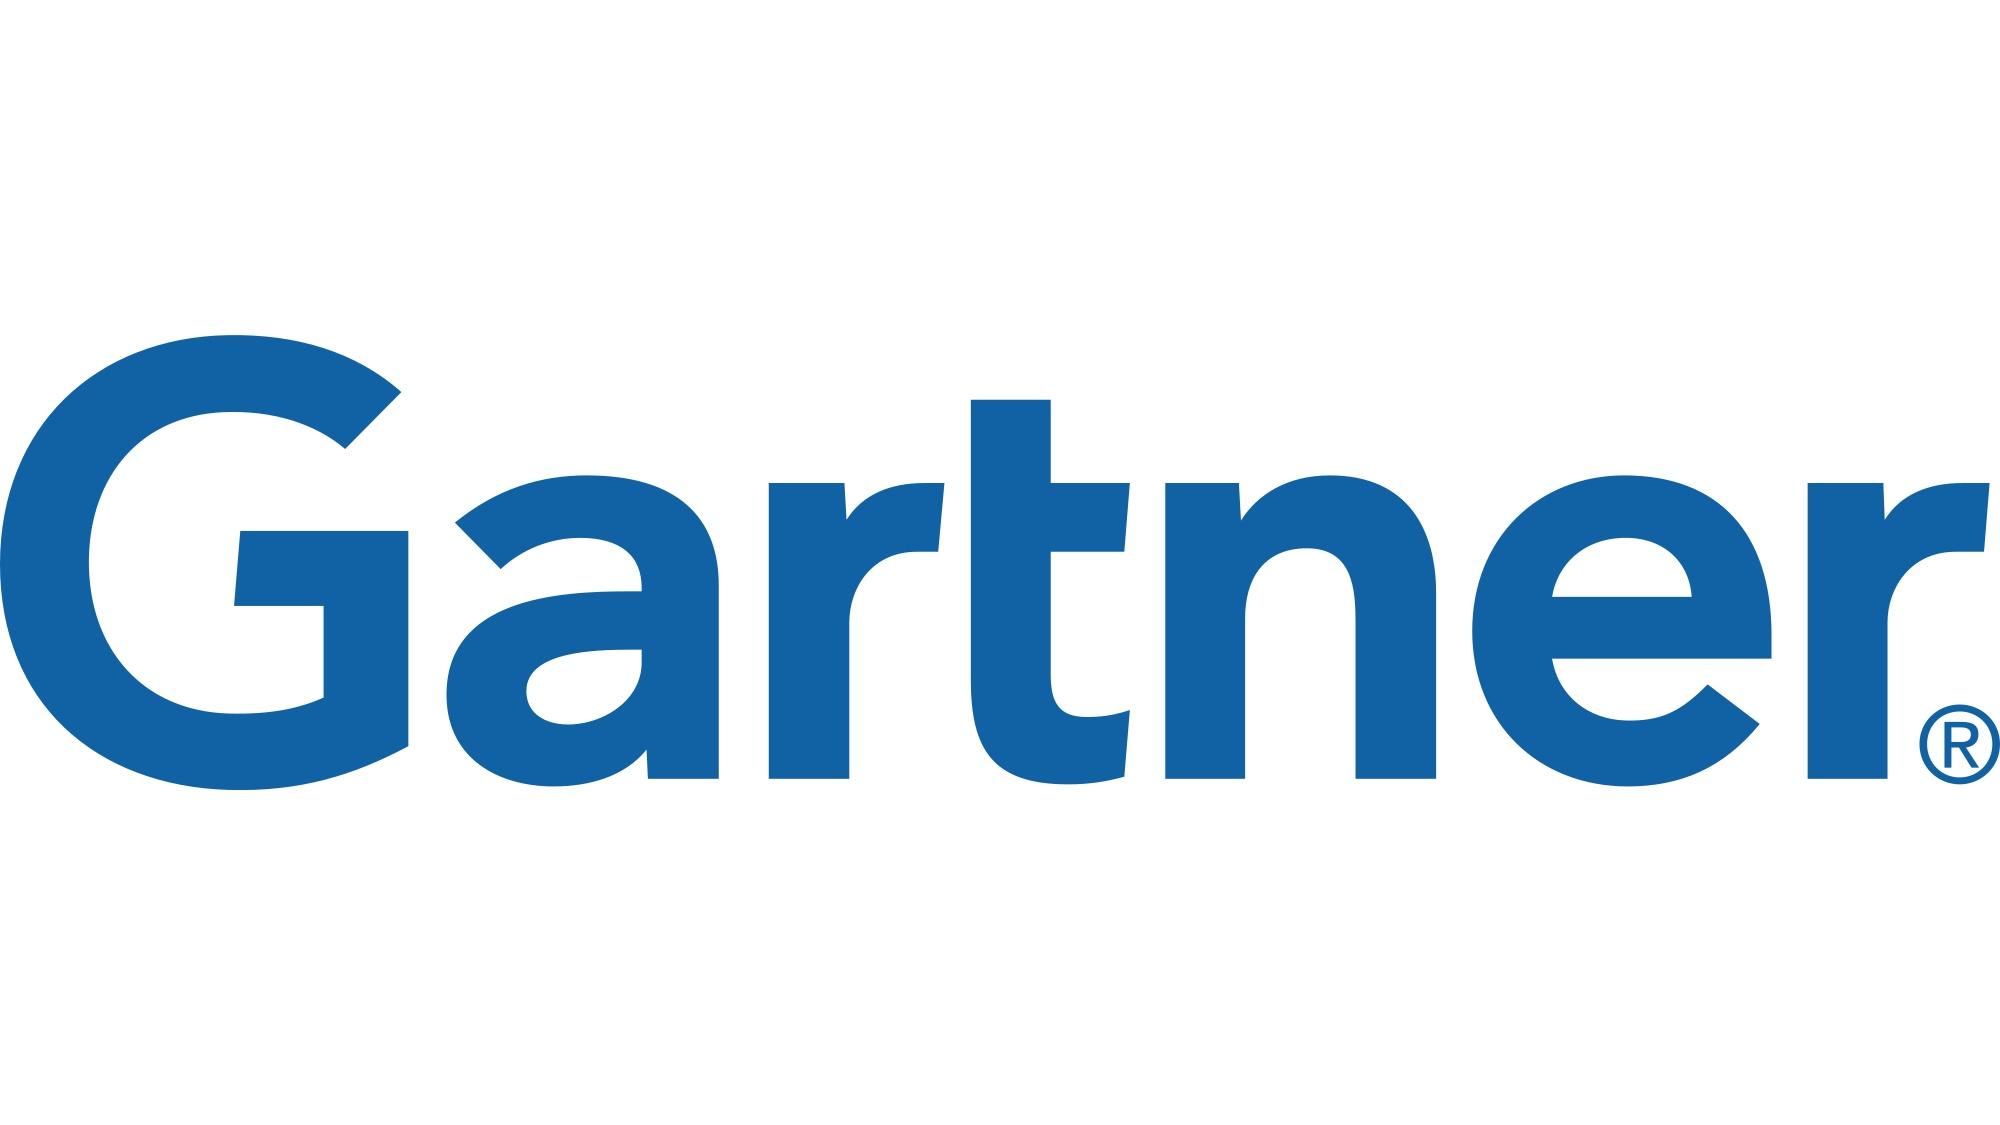 جارتنر: أكثر من نصف عمليات ونظم الأعمال الجديدة الرئيسية ستقوم بإدراج بعض عناصر تقنية إنترنت الأشياء بحلول العام 2020